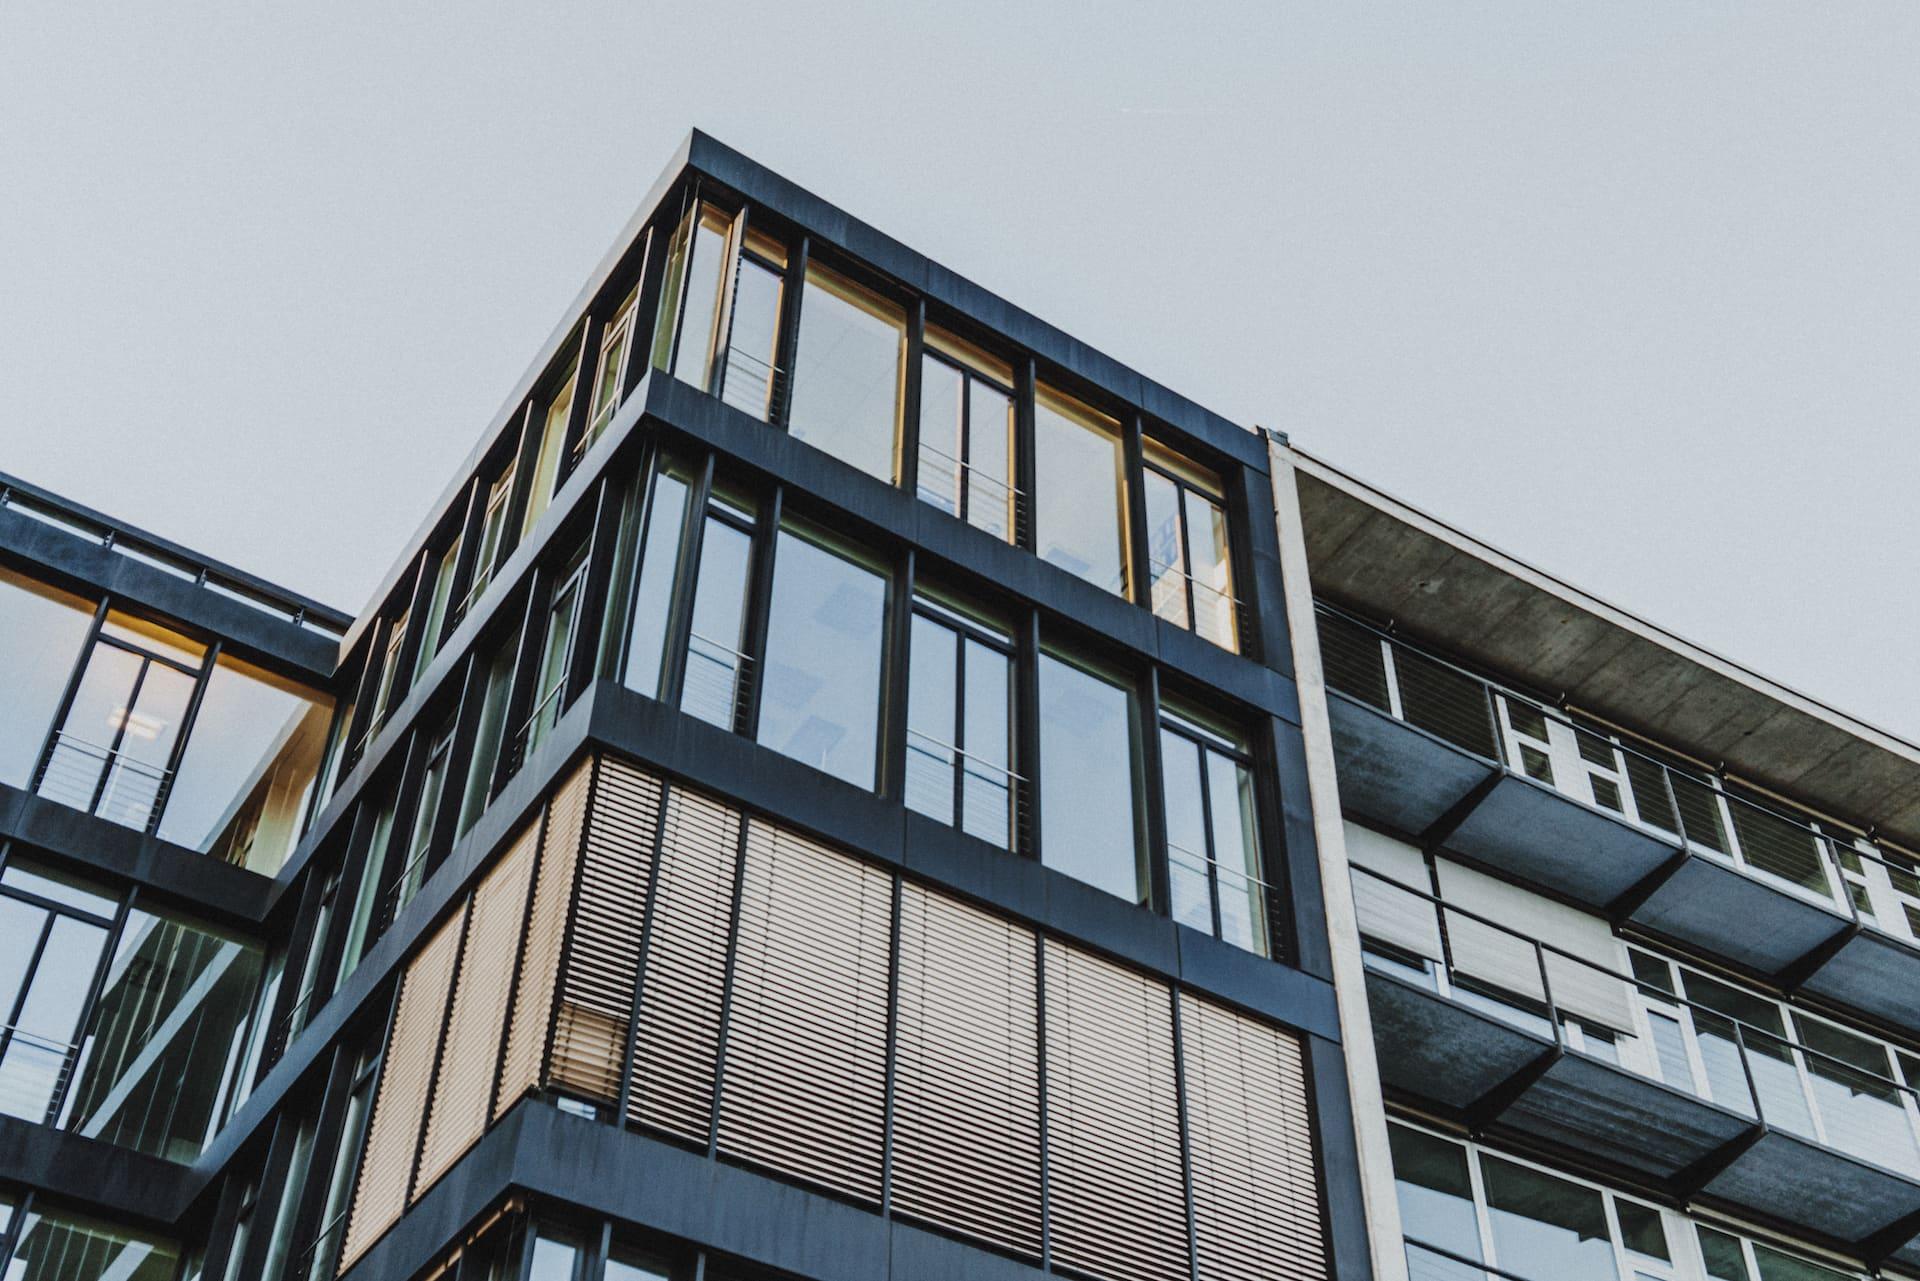 Architekturfotografie und Innenfotografie